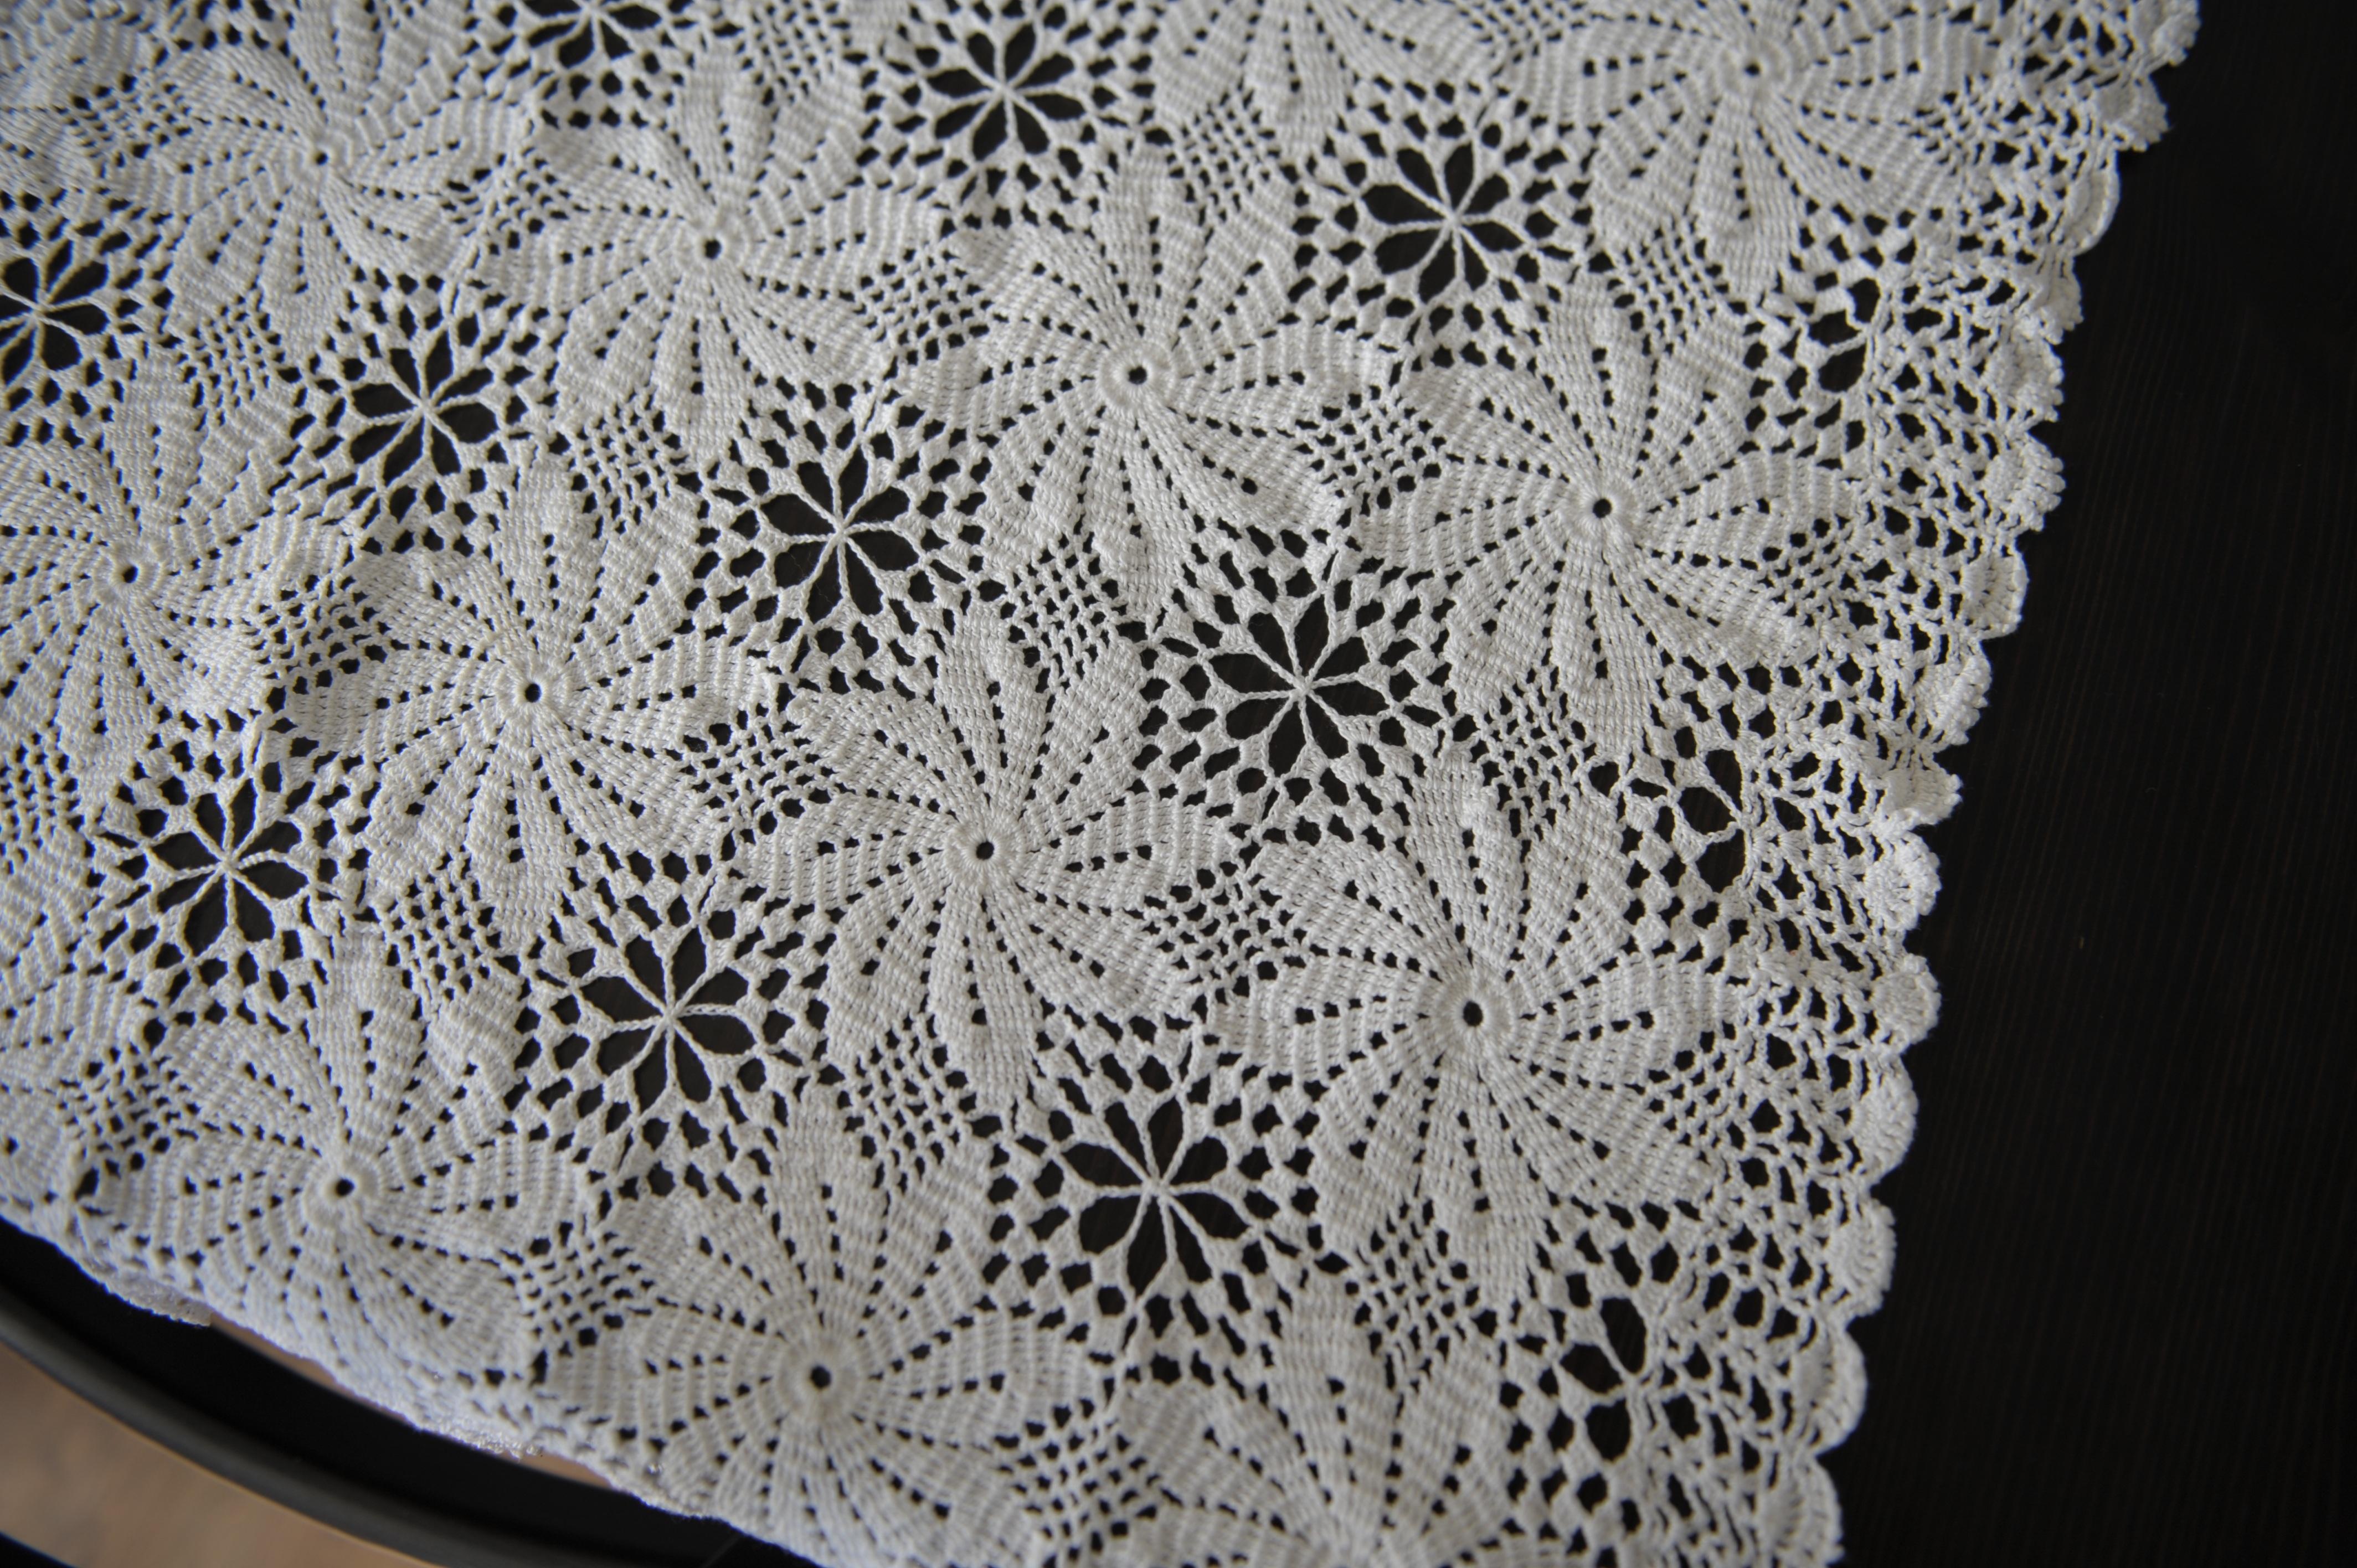 Kostenlose Foto Muster Spitze Material Tischdecke Häkeln